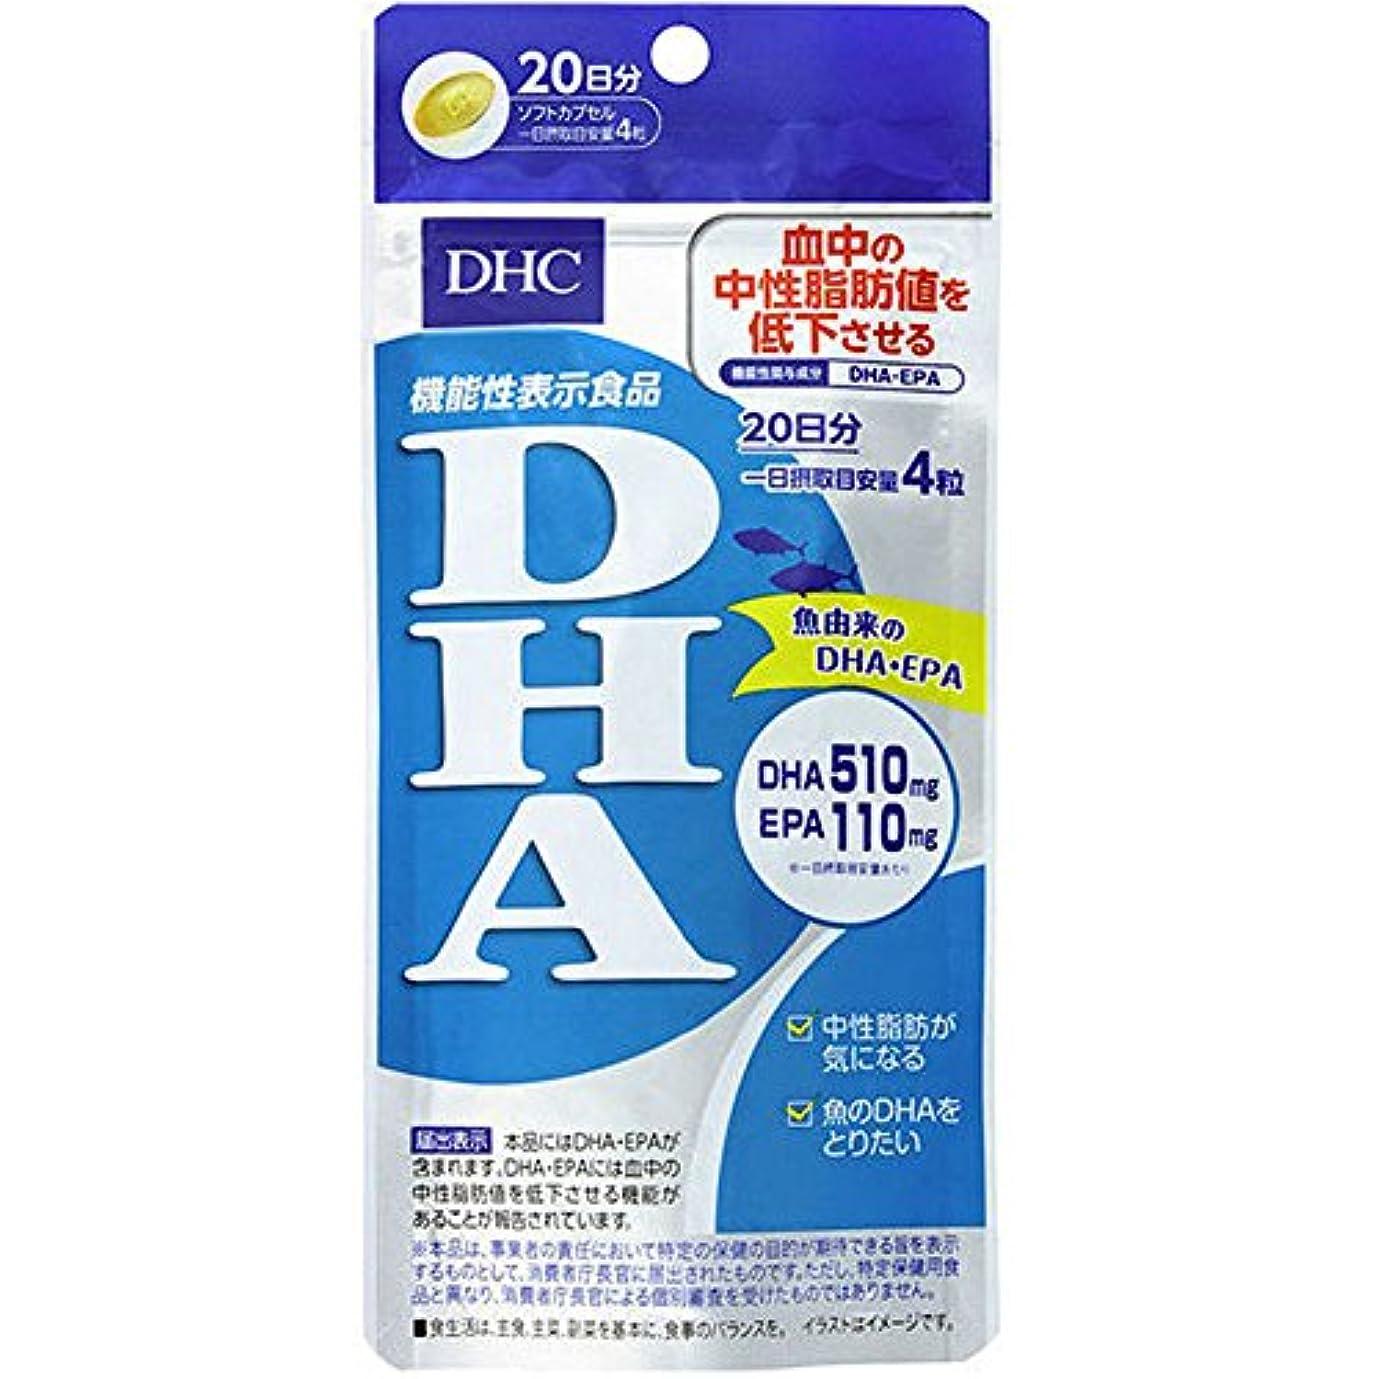 一般的に言えば賢明なファンタジーDHC DHA 20日分 80粒 【機能性表示食品】